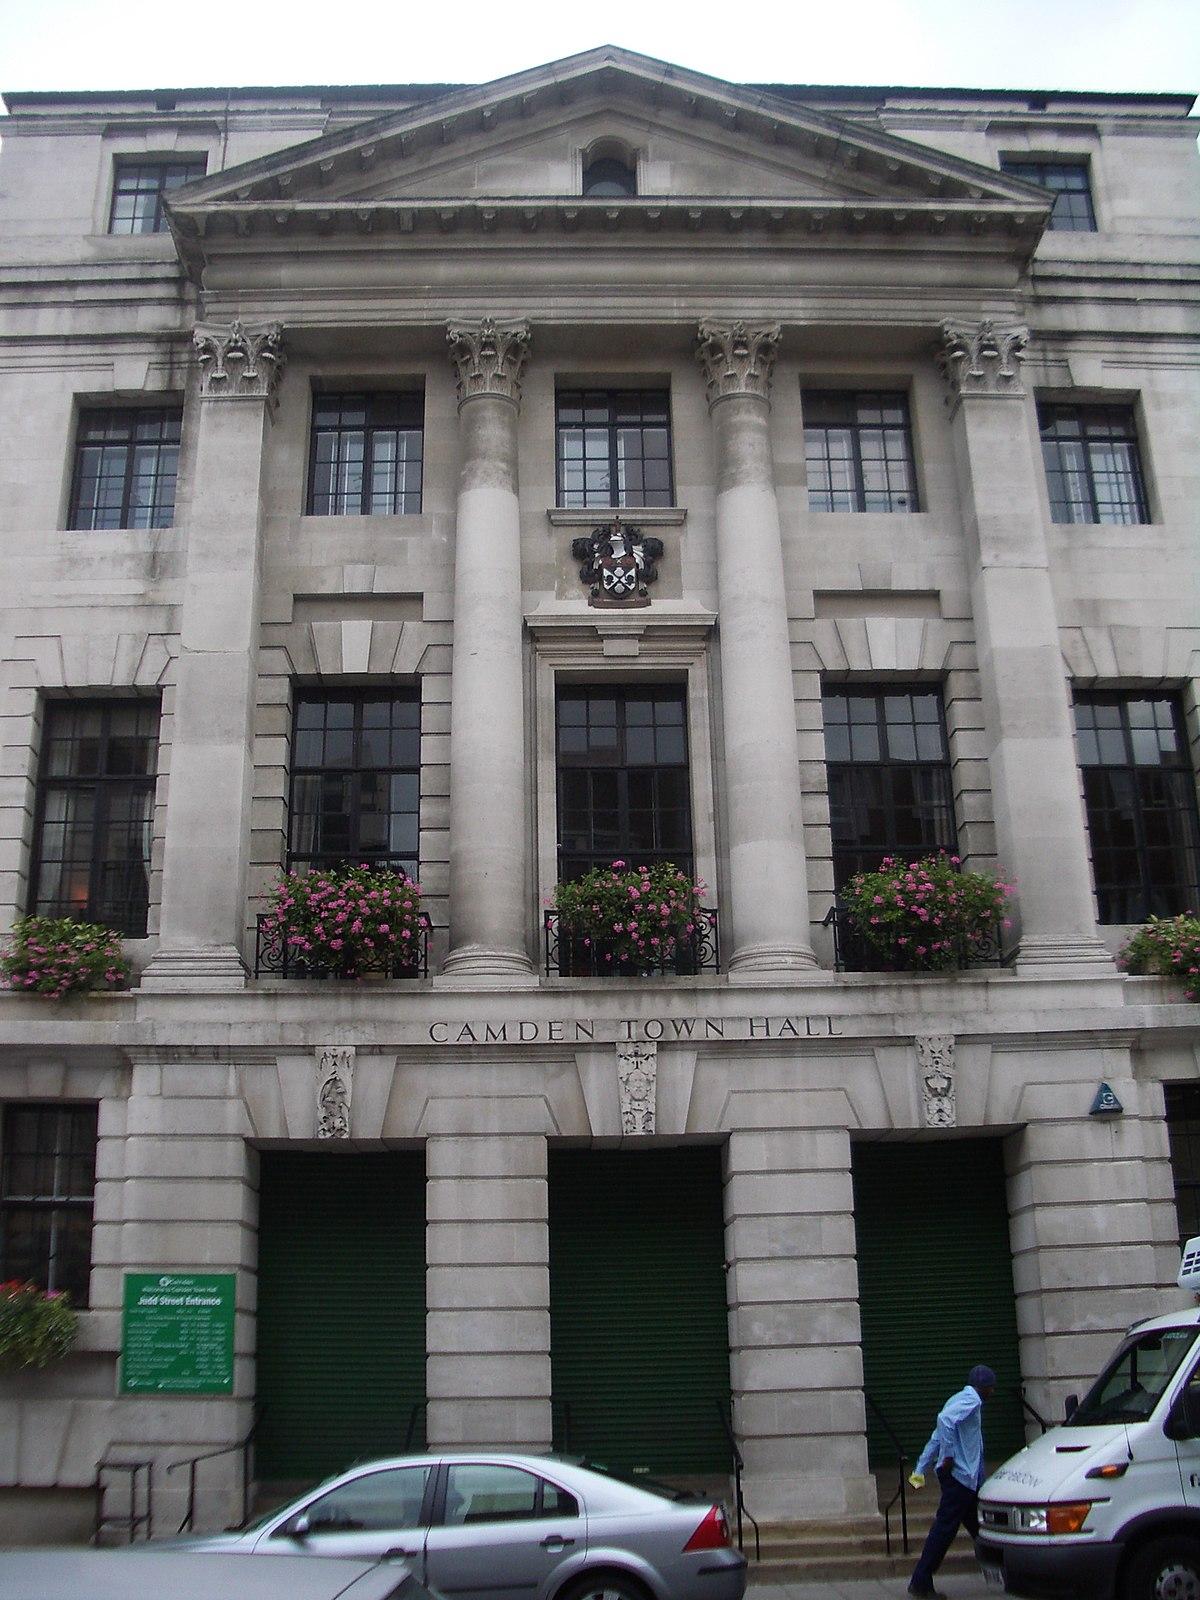 Camden Town: Camden Town Hall